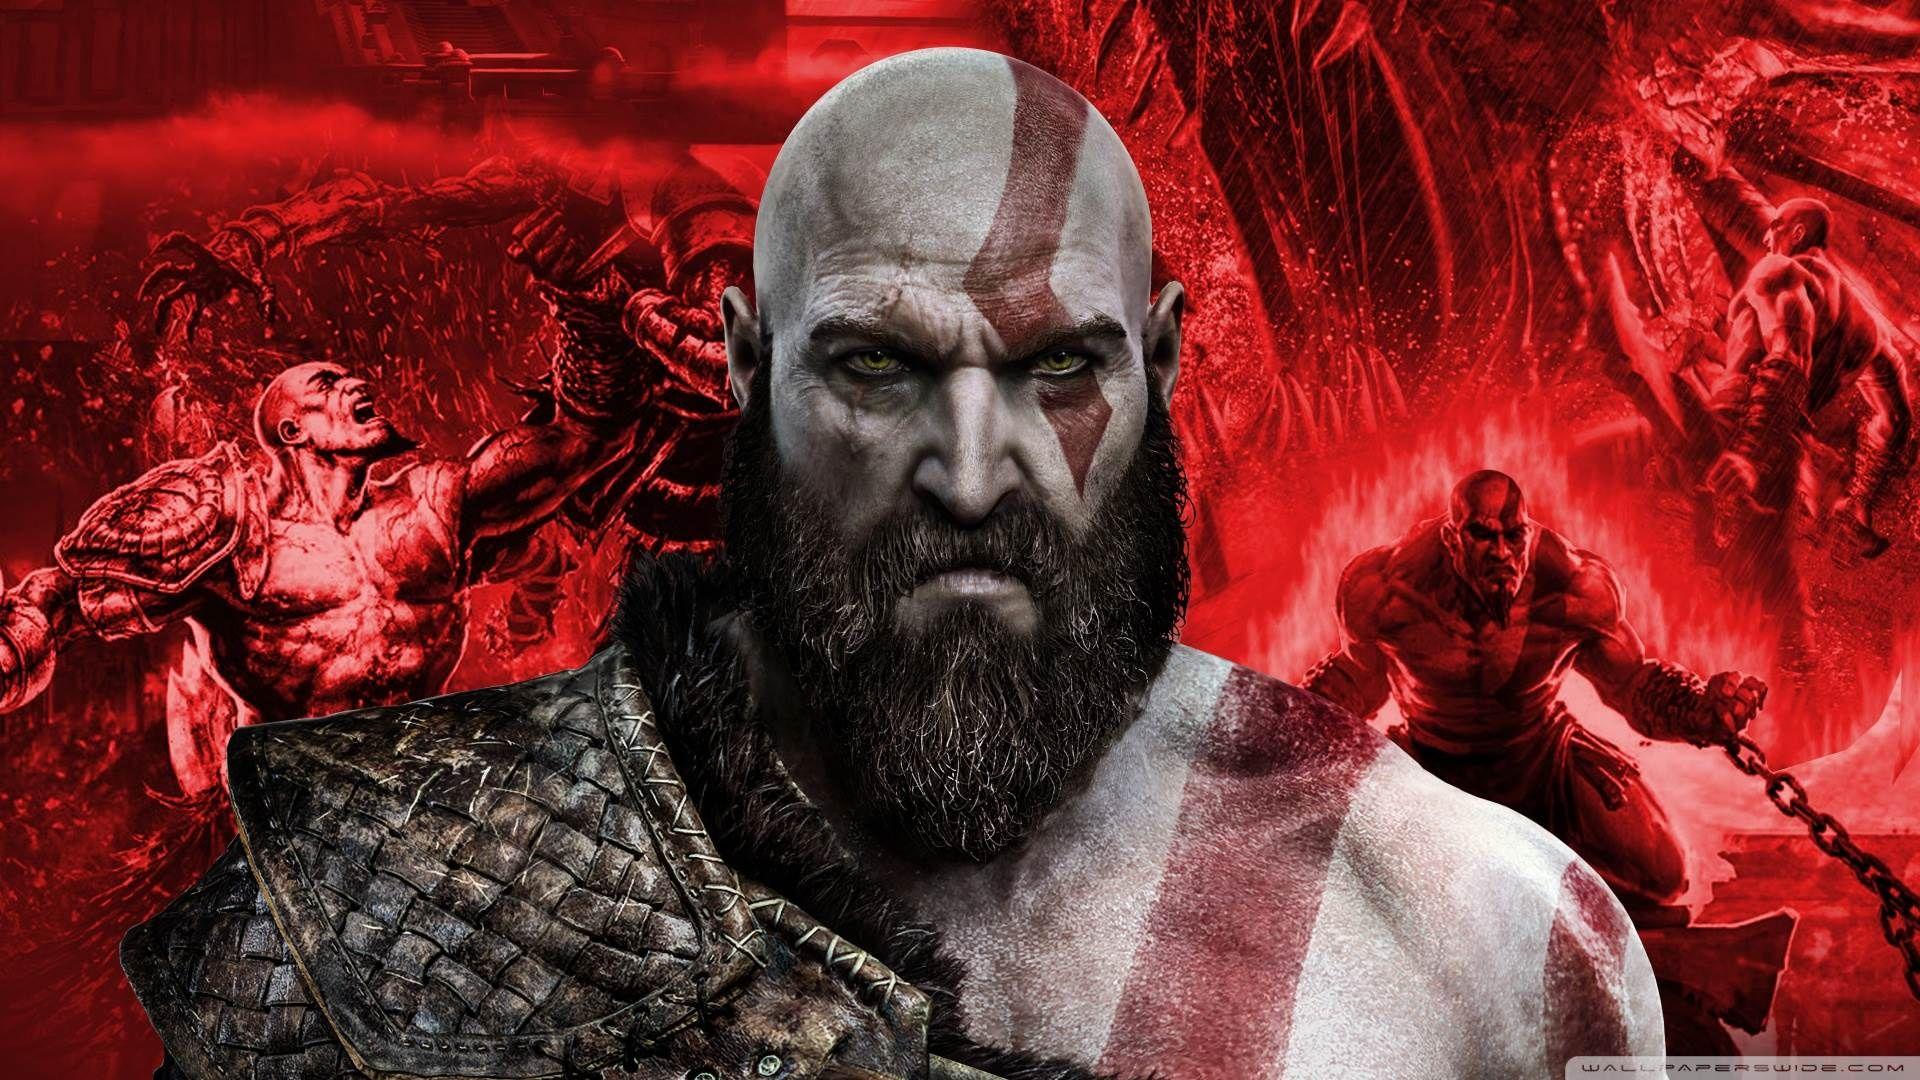 God Of War 2 Hd Wallpaper Kratos God Of War God Of War God Of War Series